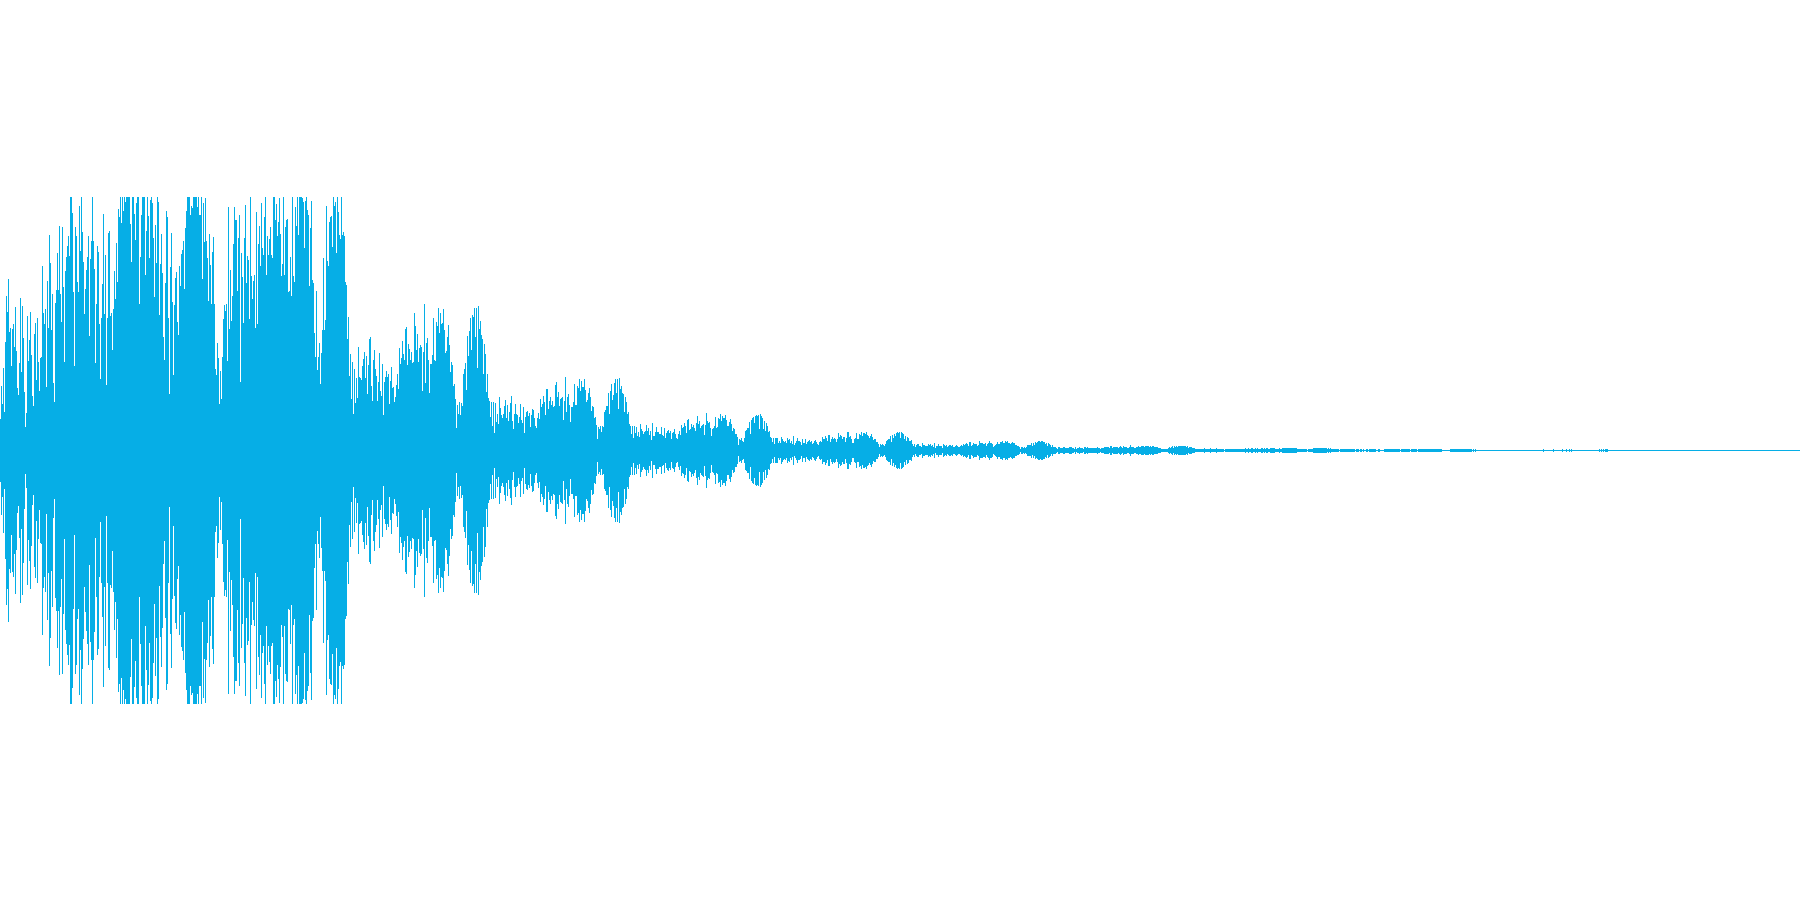 セレクト音の再生済みの波形